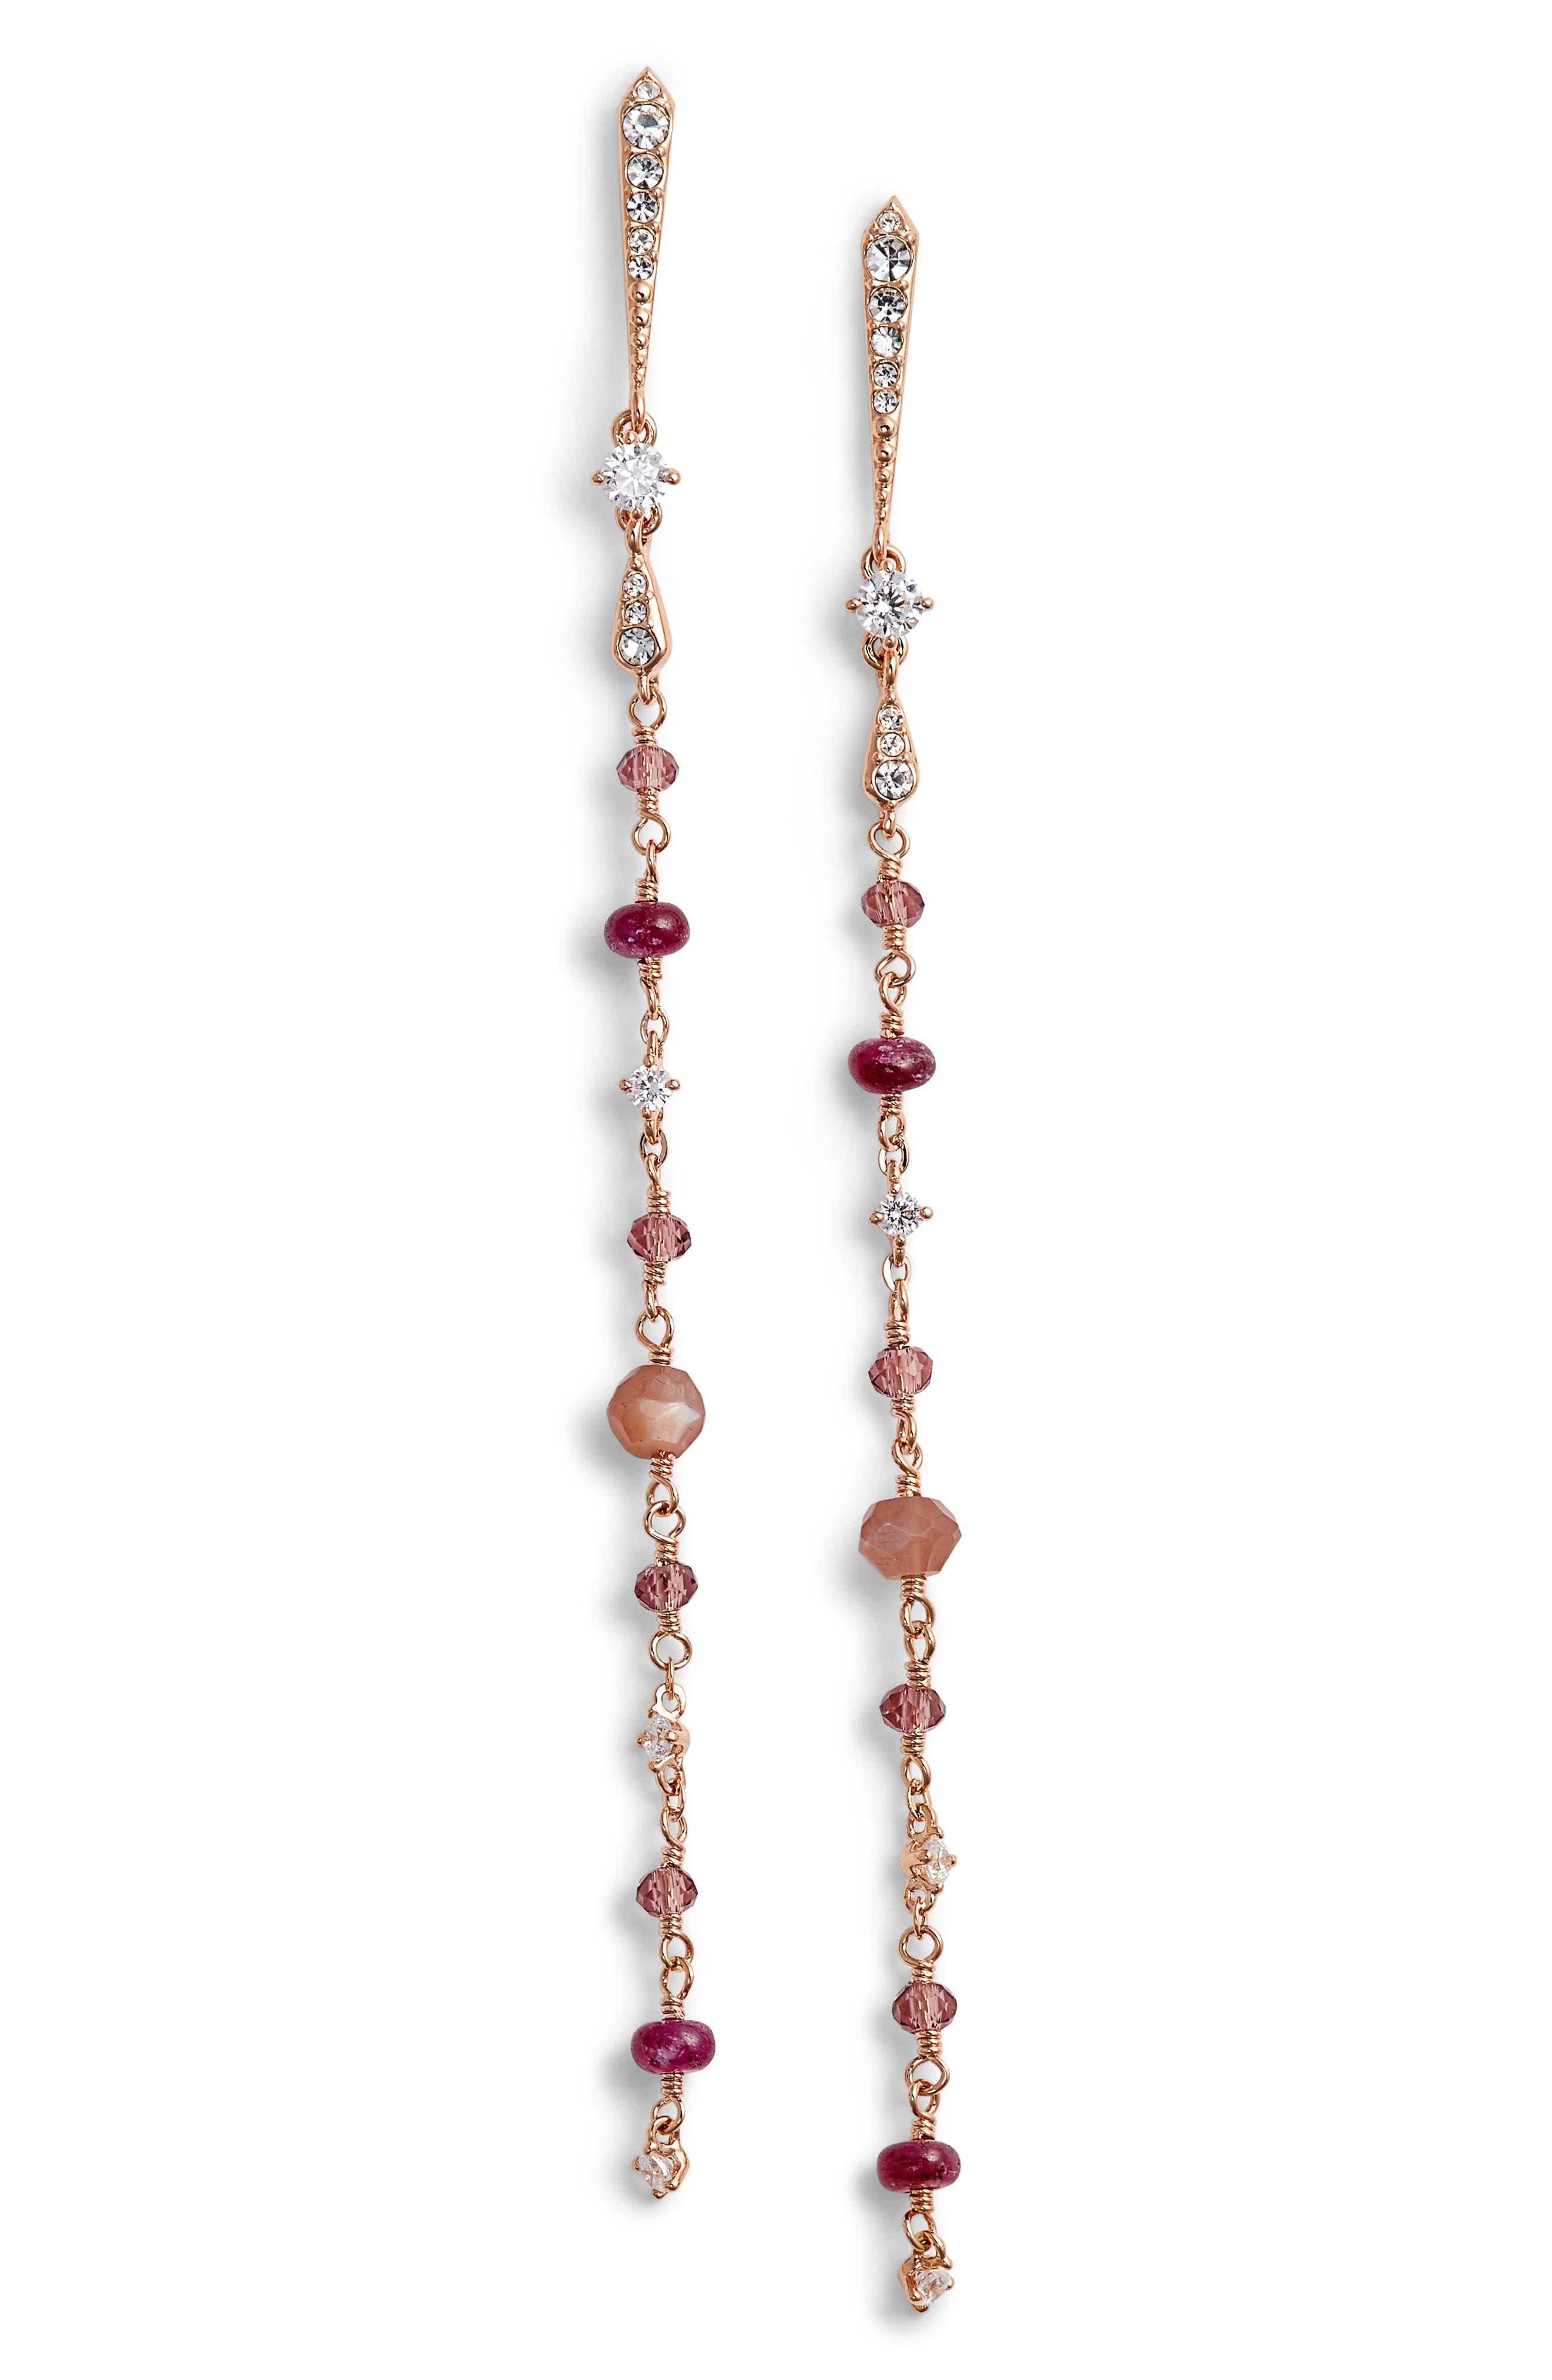 Nadri Crystal & Semiprecious Stone Drop Earrings